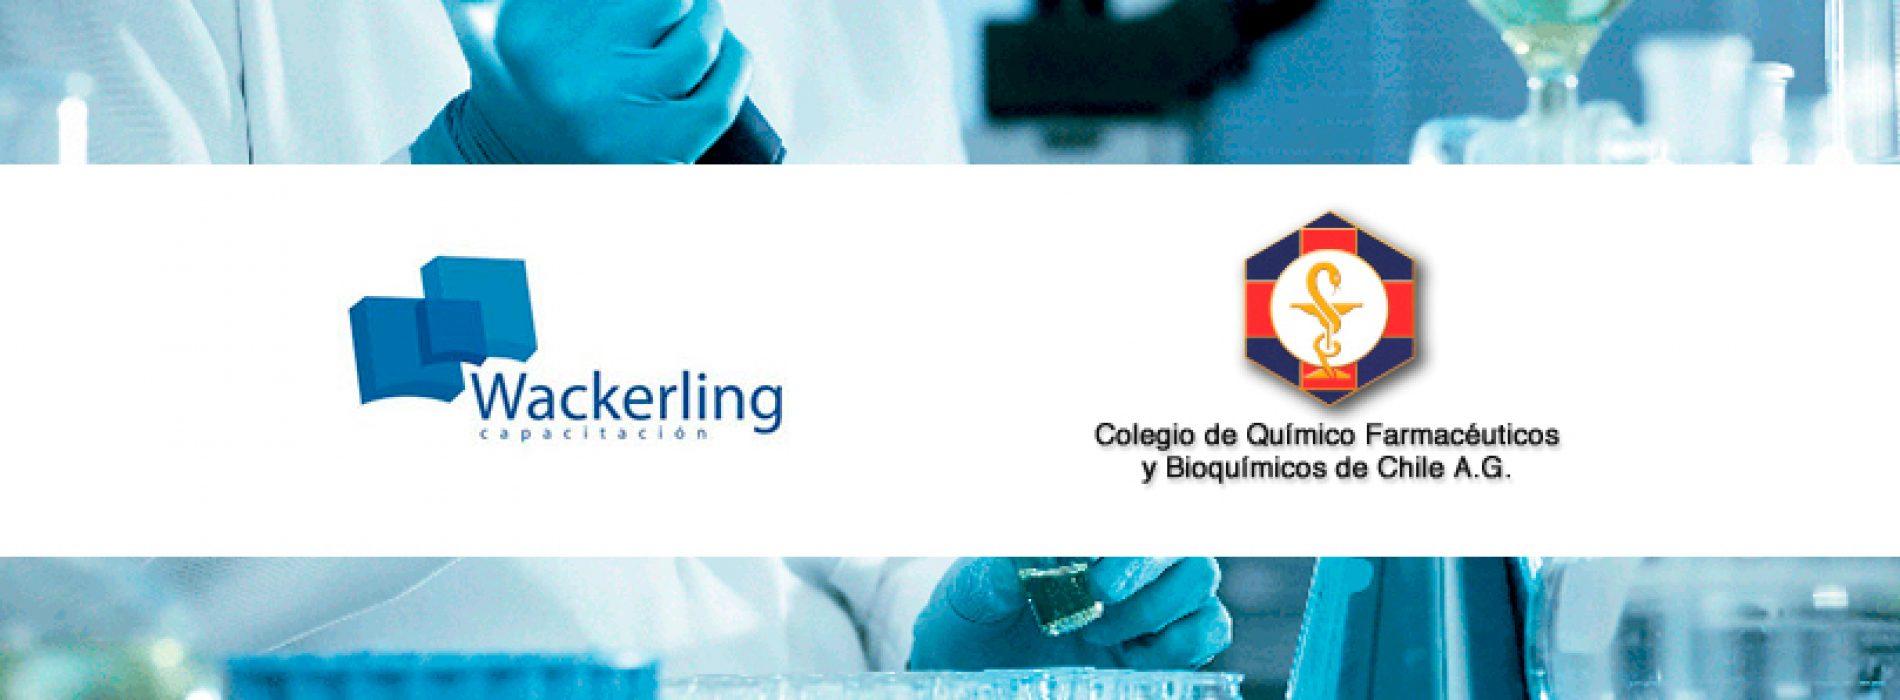 """Curso 25 de agosto """"Validación de Limpieza en la Industria Farmacéutica"""" // Wackerling Capacitación y Colegio de Químicos Farmacéuticos y Bioquímicos de Chile"""